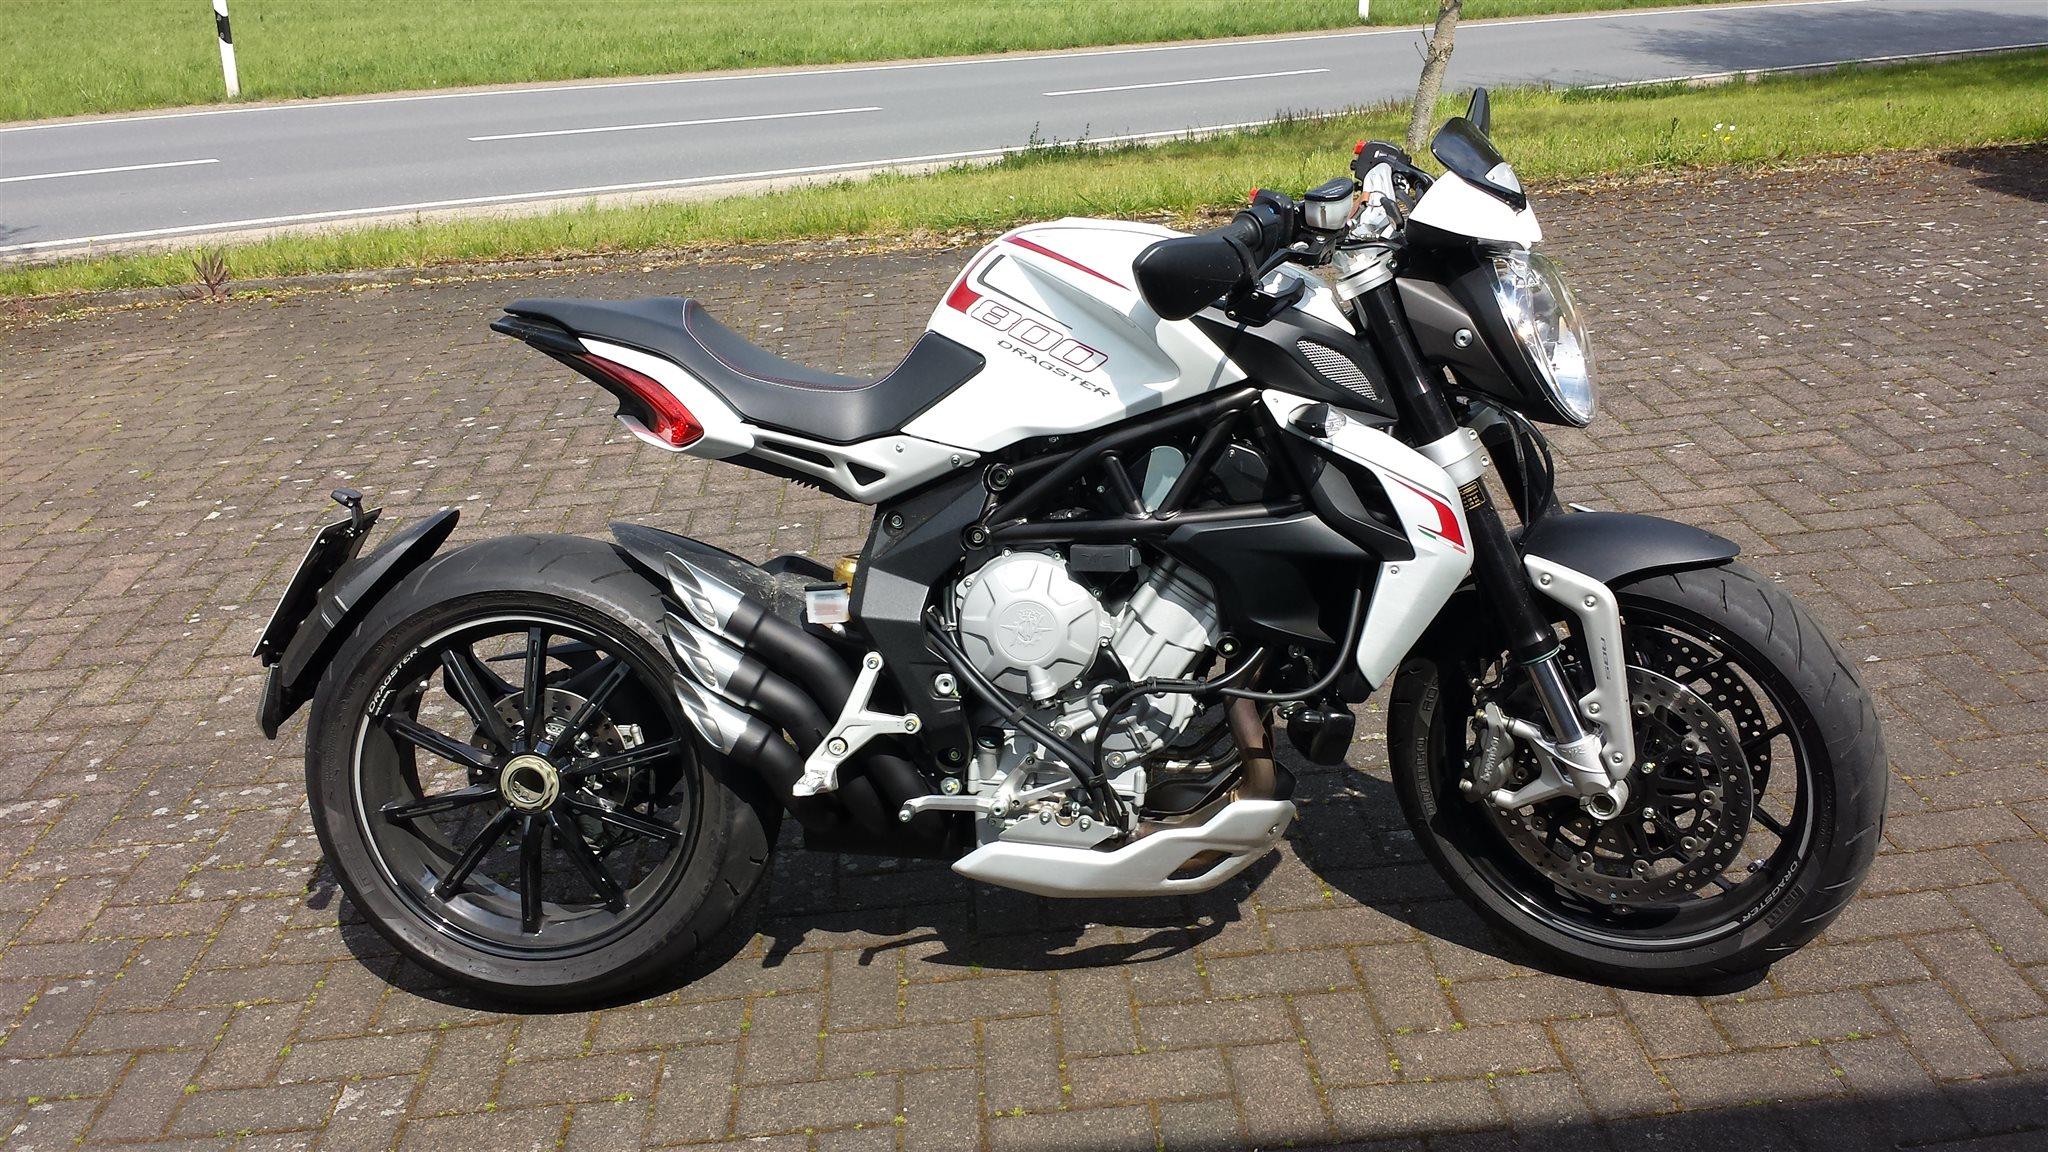 Agusta Brutale  Vs Ducati Monster